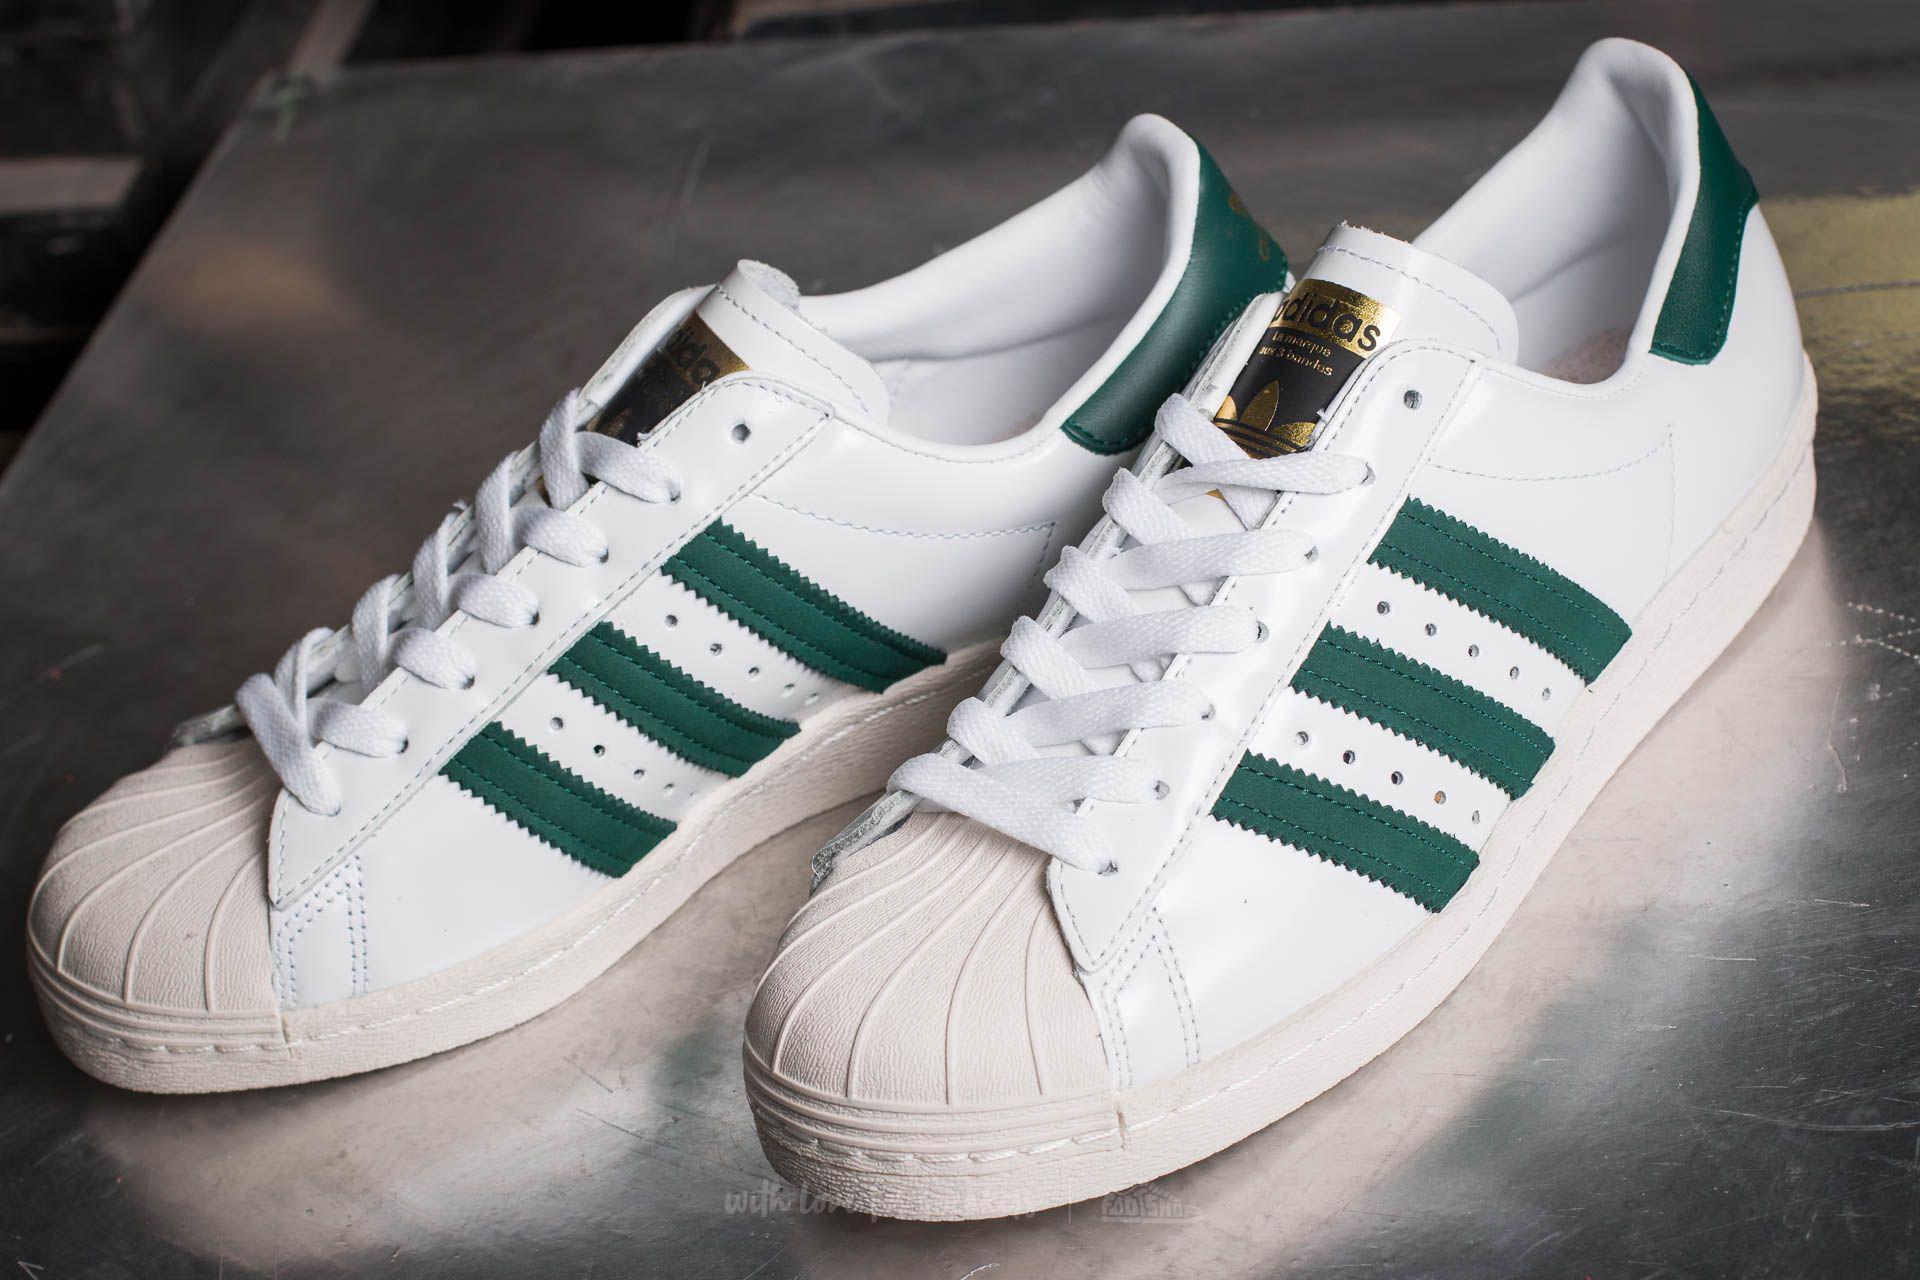 brand new b4e63 47c3f ... usa lyst adidas originals adidas superstar 80s ftw white collegiate  e113d 14a42